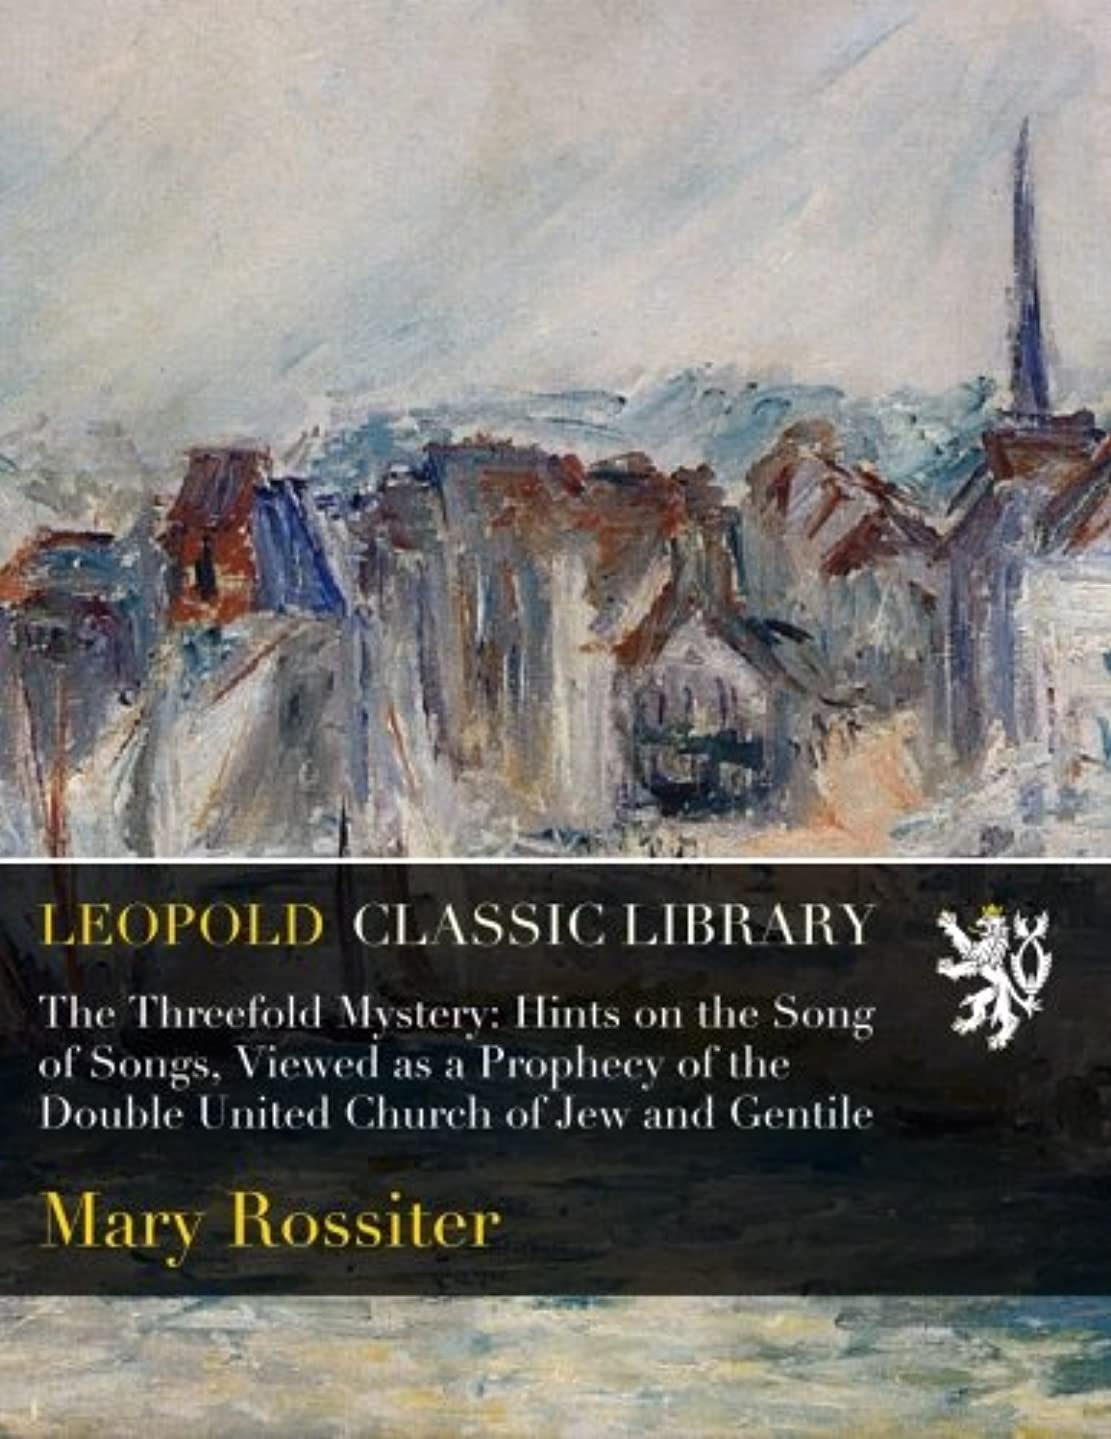 ブロックする不毛のなめるThe Threefold Mystery: Hints on the Song of Songs, Viewed as a Prophecy of the Double United Church of Jew and Gentile